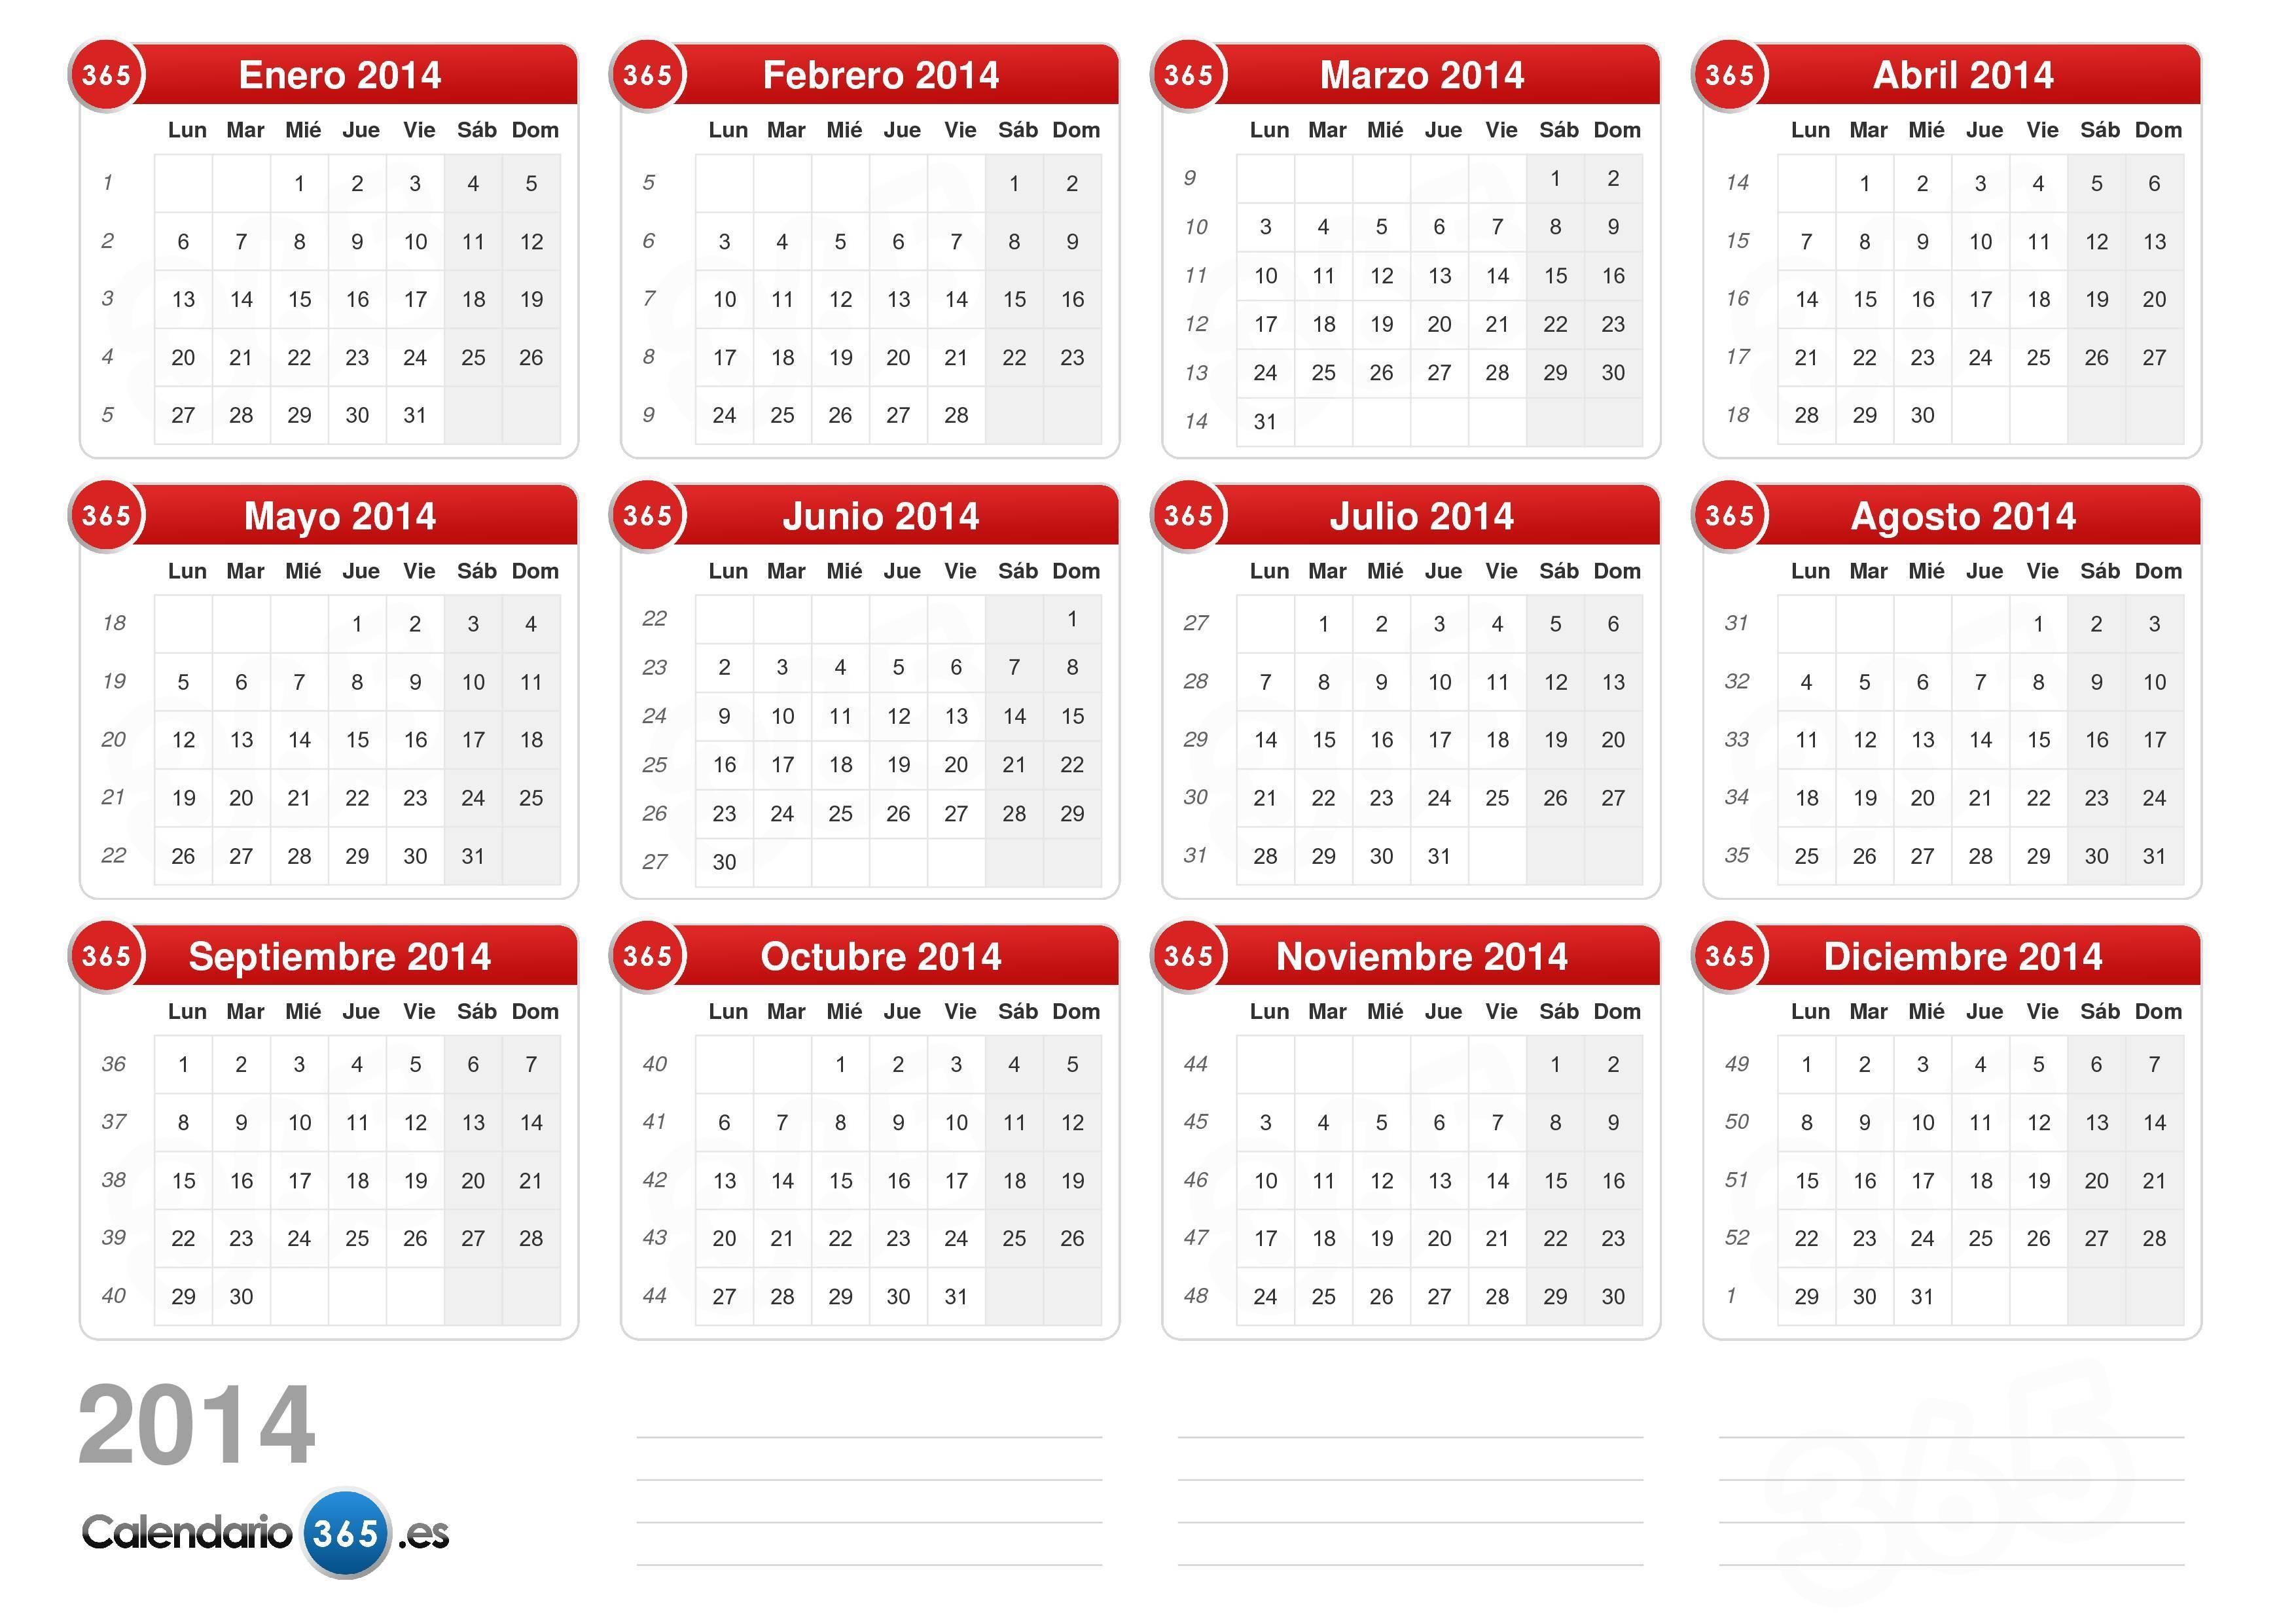 Calendario 2014 v2